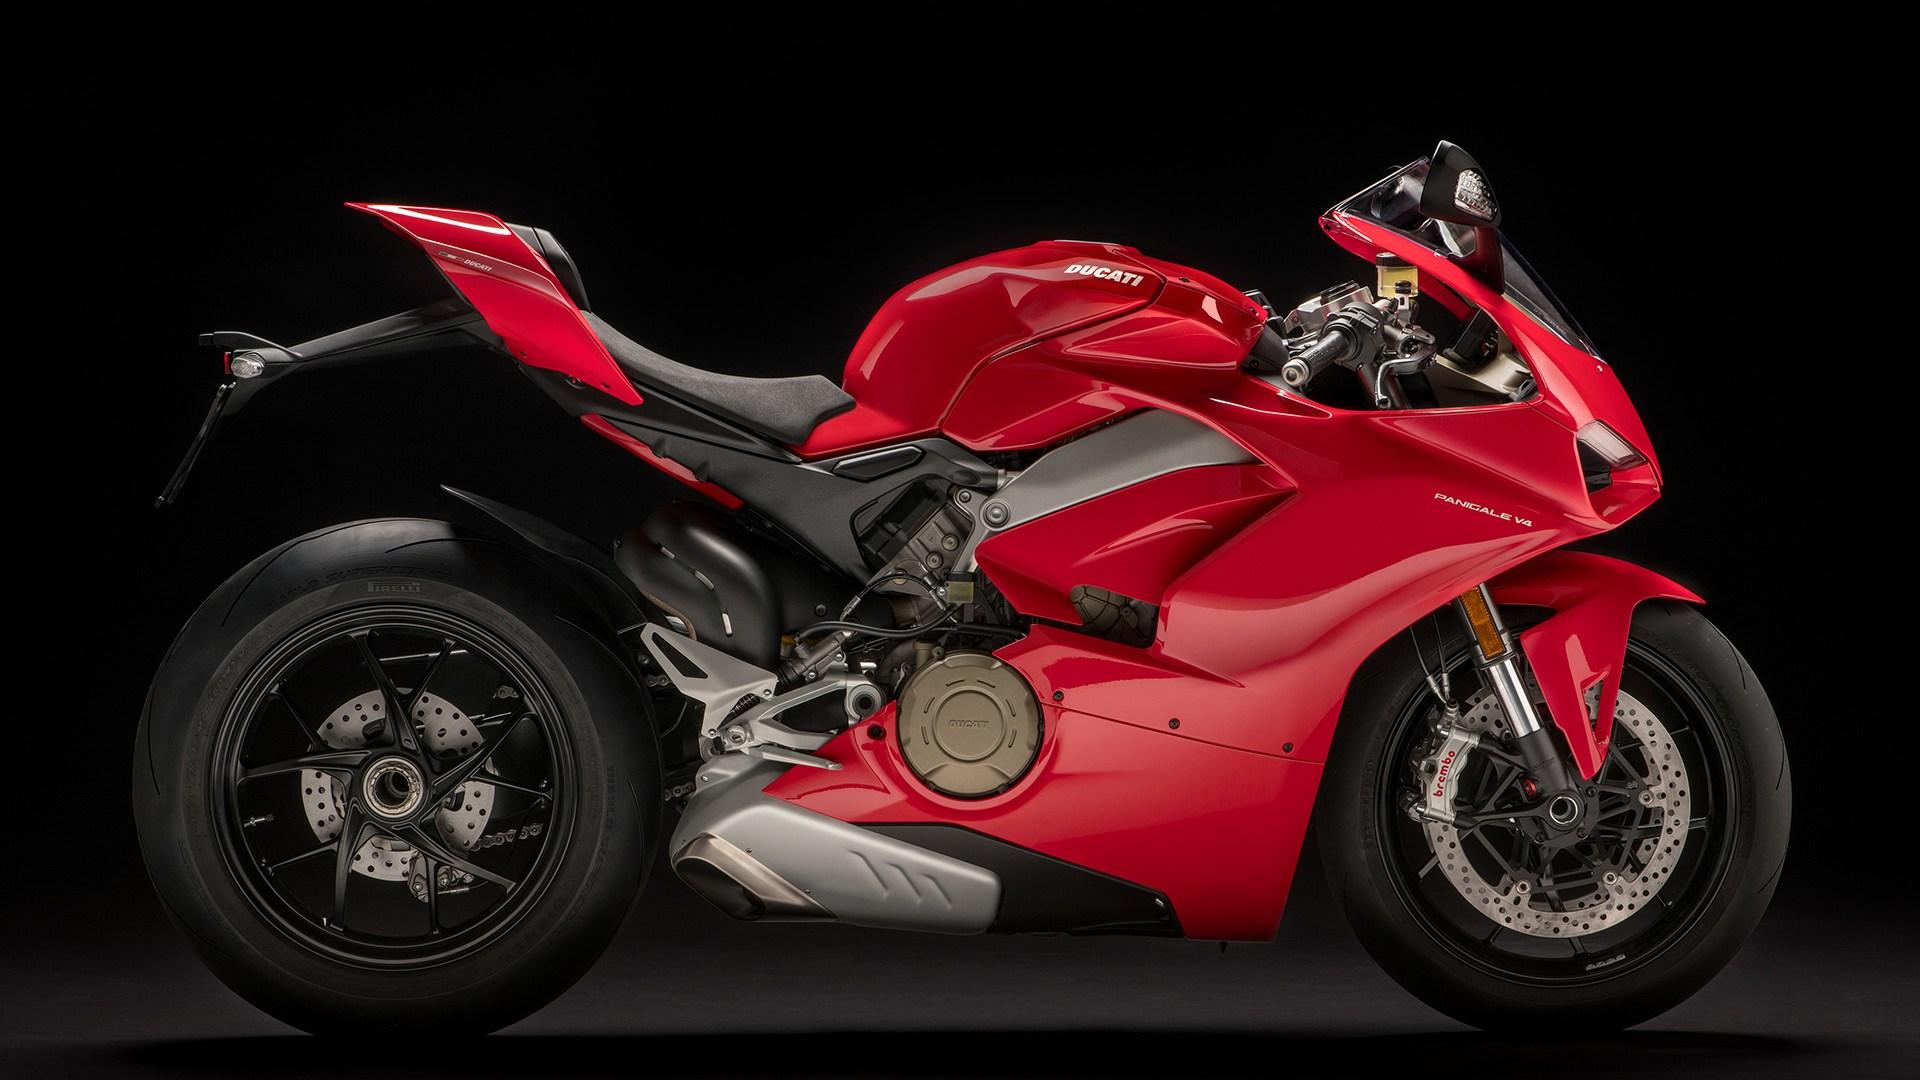 Η Ducati υποδέχεται τη νέα σεζόν με νωπές τις δάφνες από το Κατάρ